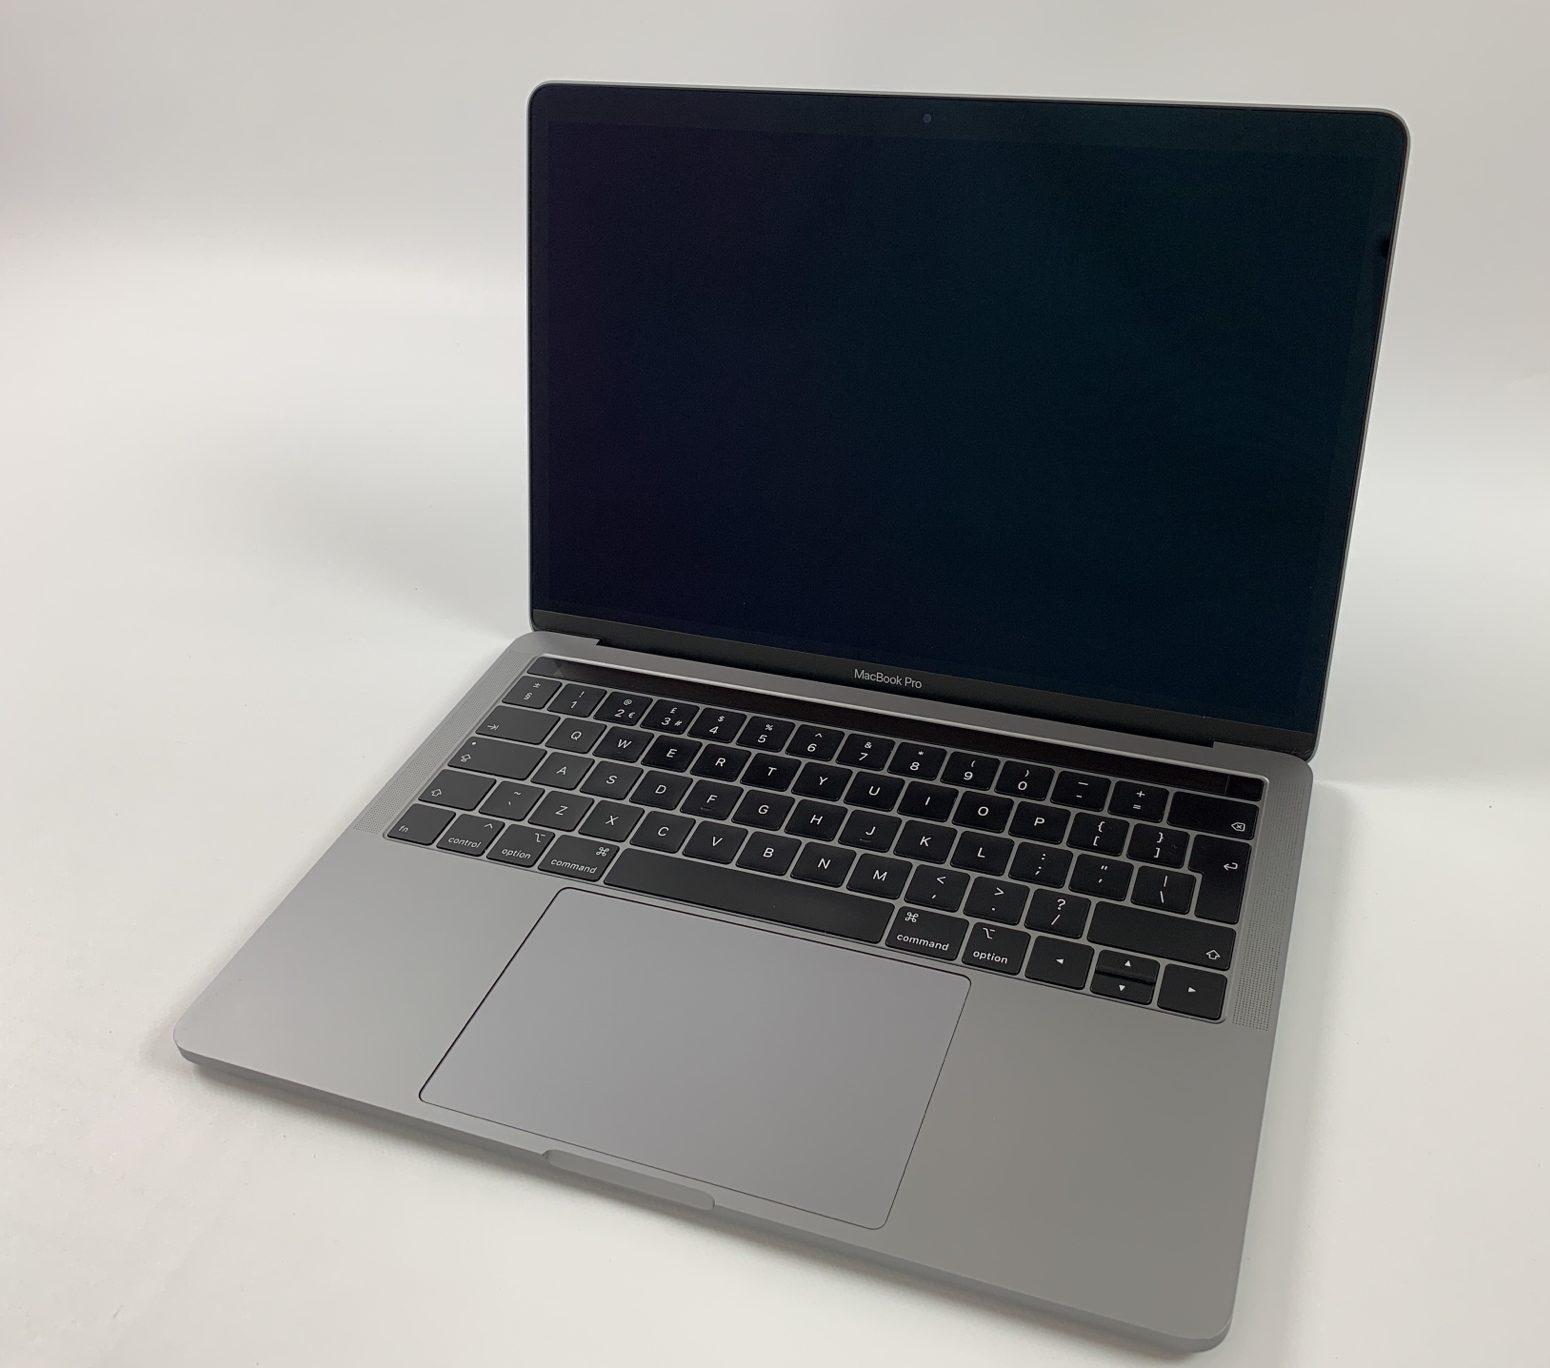 """MacBook Pro 13"""" 4TBT Mid 2019 (Intel Quad-Core i5 2.4 GHz 8 GB RAM 256 GB SSD), Space Gray, Intel Quad-Core i5 2.4 GHz, 8 GB RAM, 256 GB SSD, image 1"""